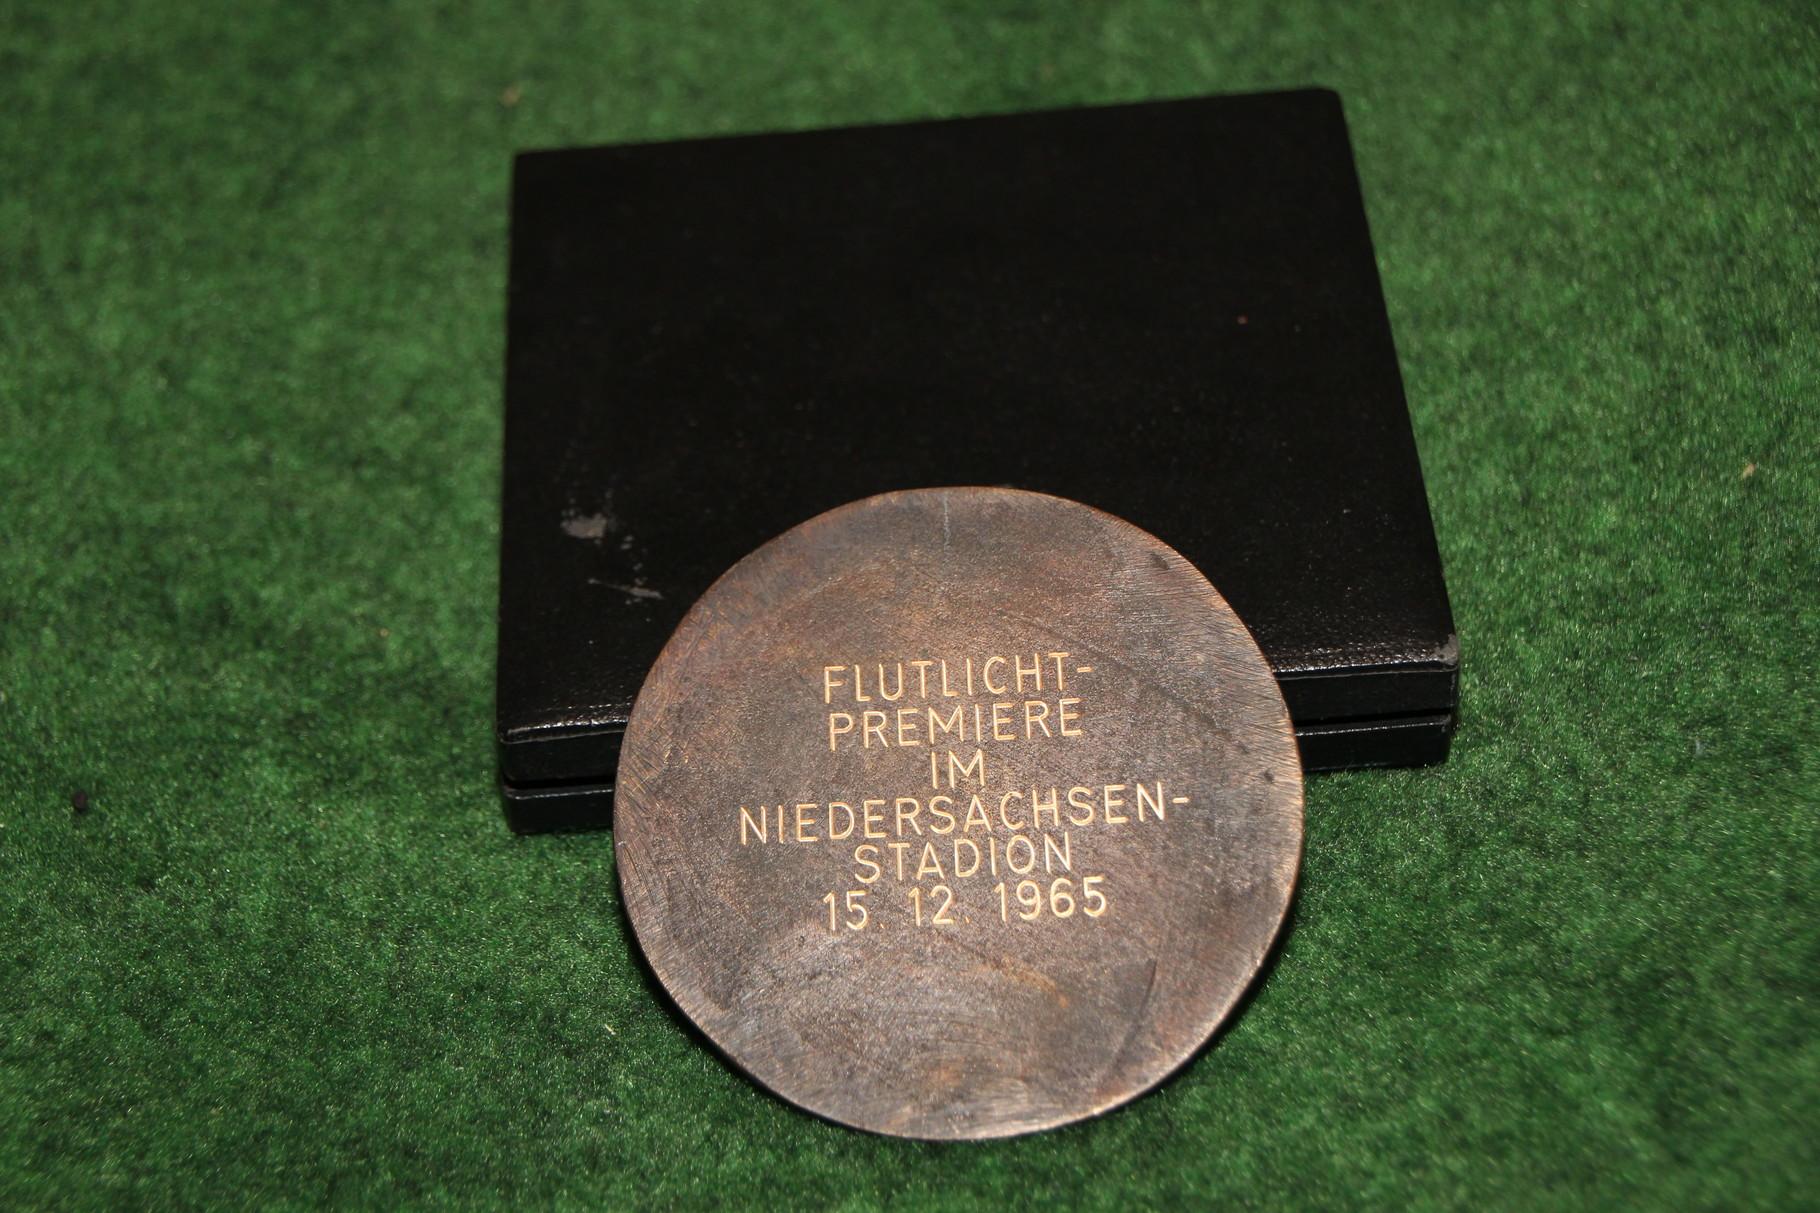 Gedenkmedailie an die Flutlicht Premiere des Niedersachsenstadionens vom 15.12.1965. 2/2